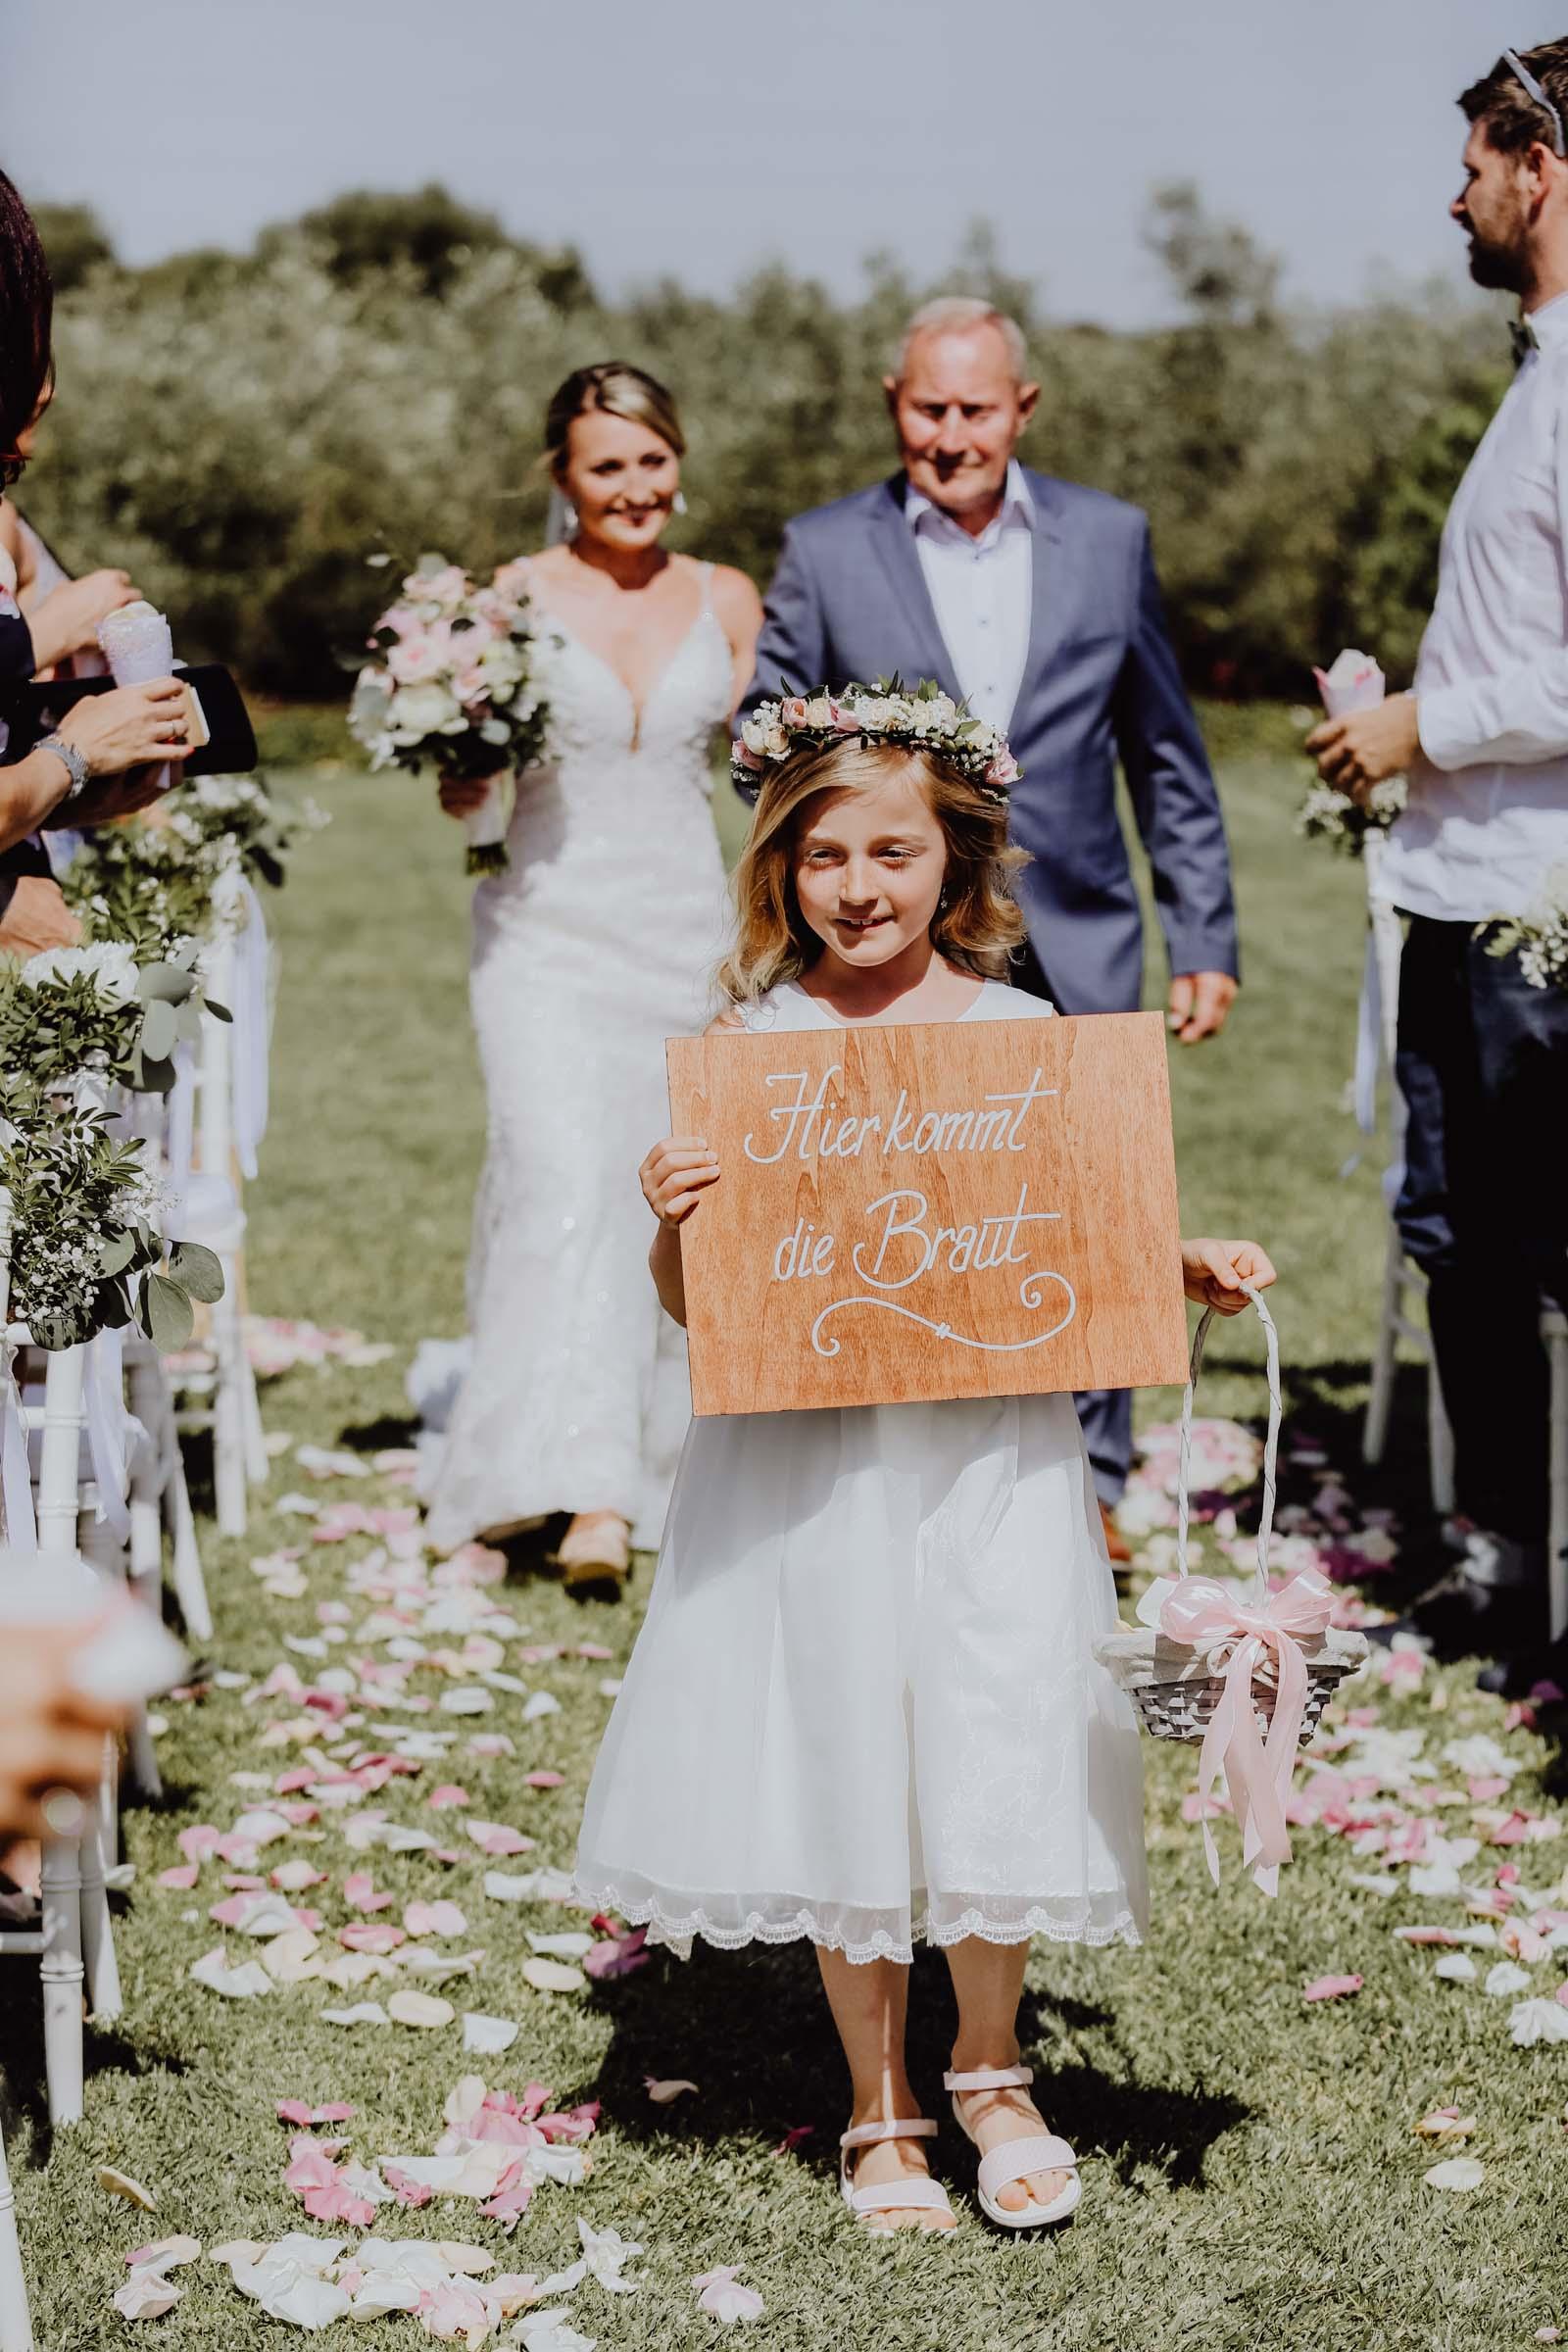 Kind mit Blumenkranz hält ein Schild in der Hand